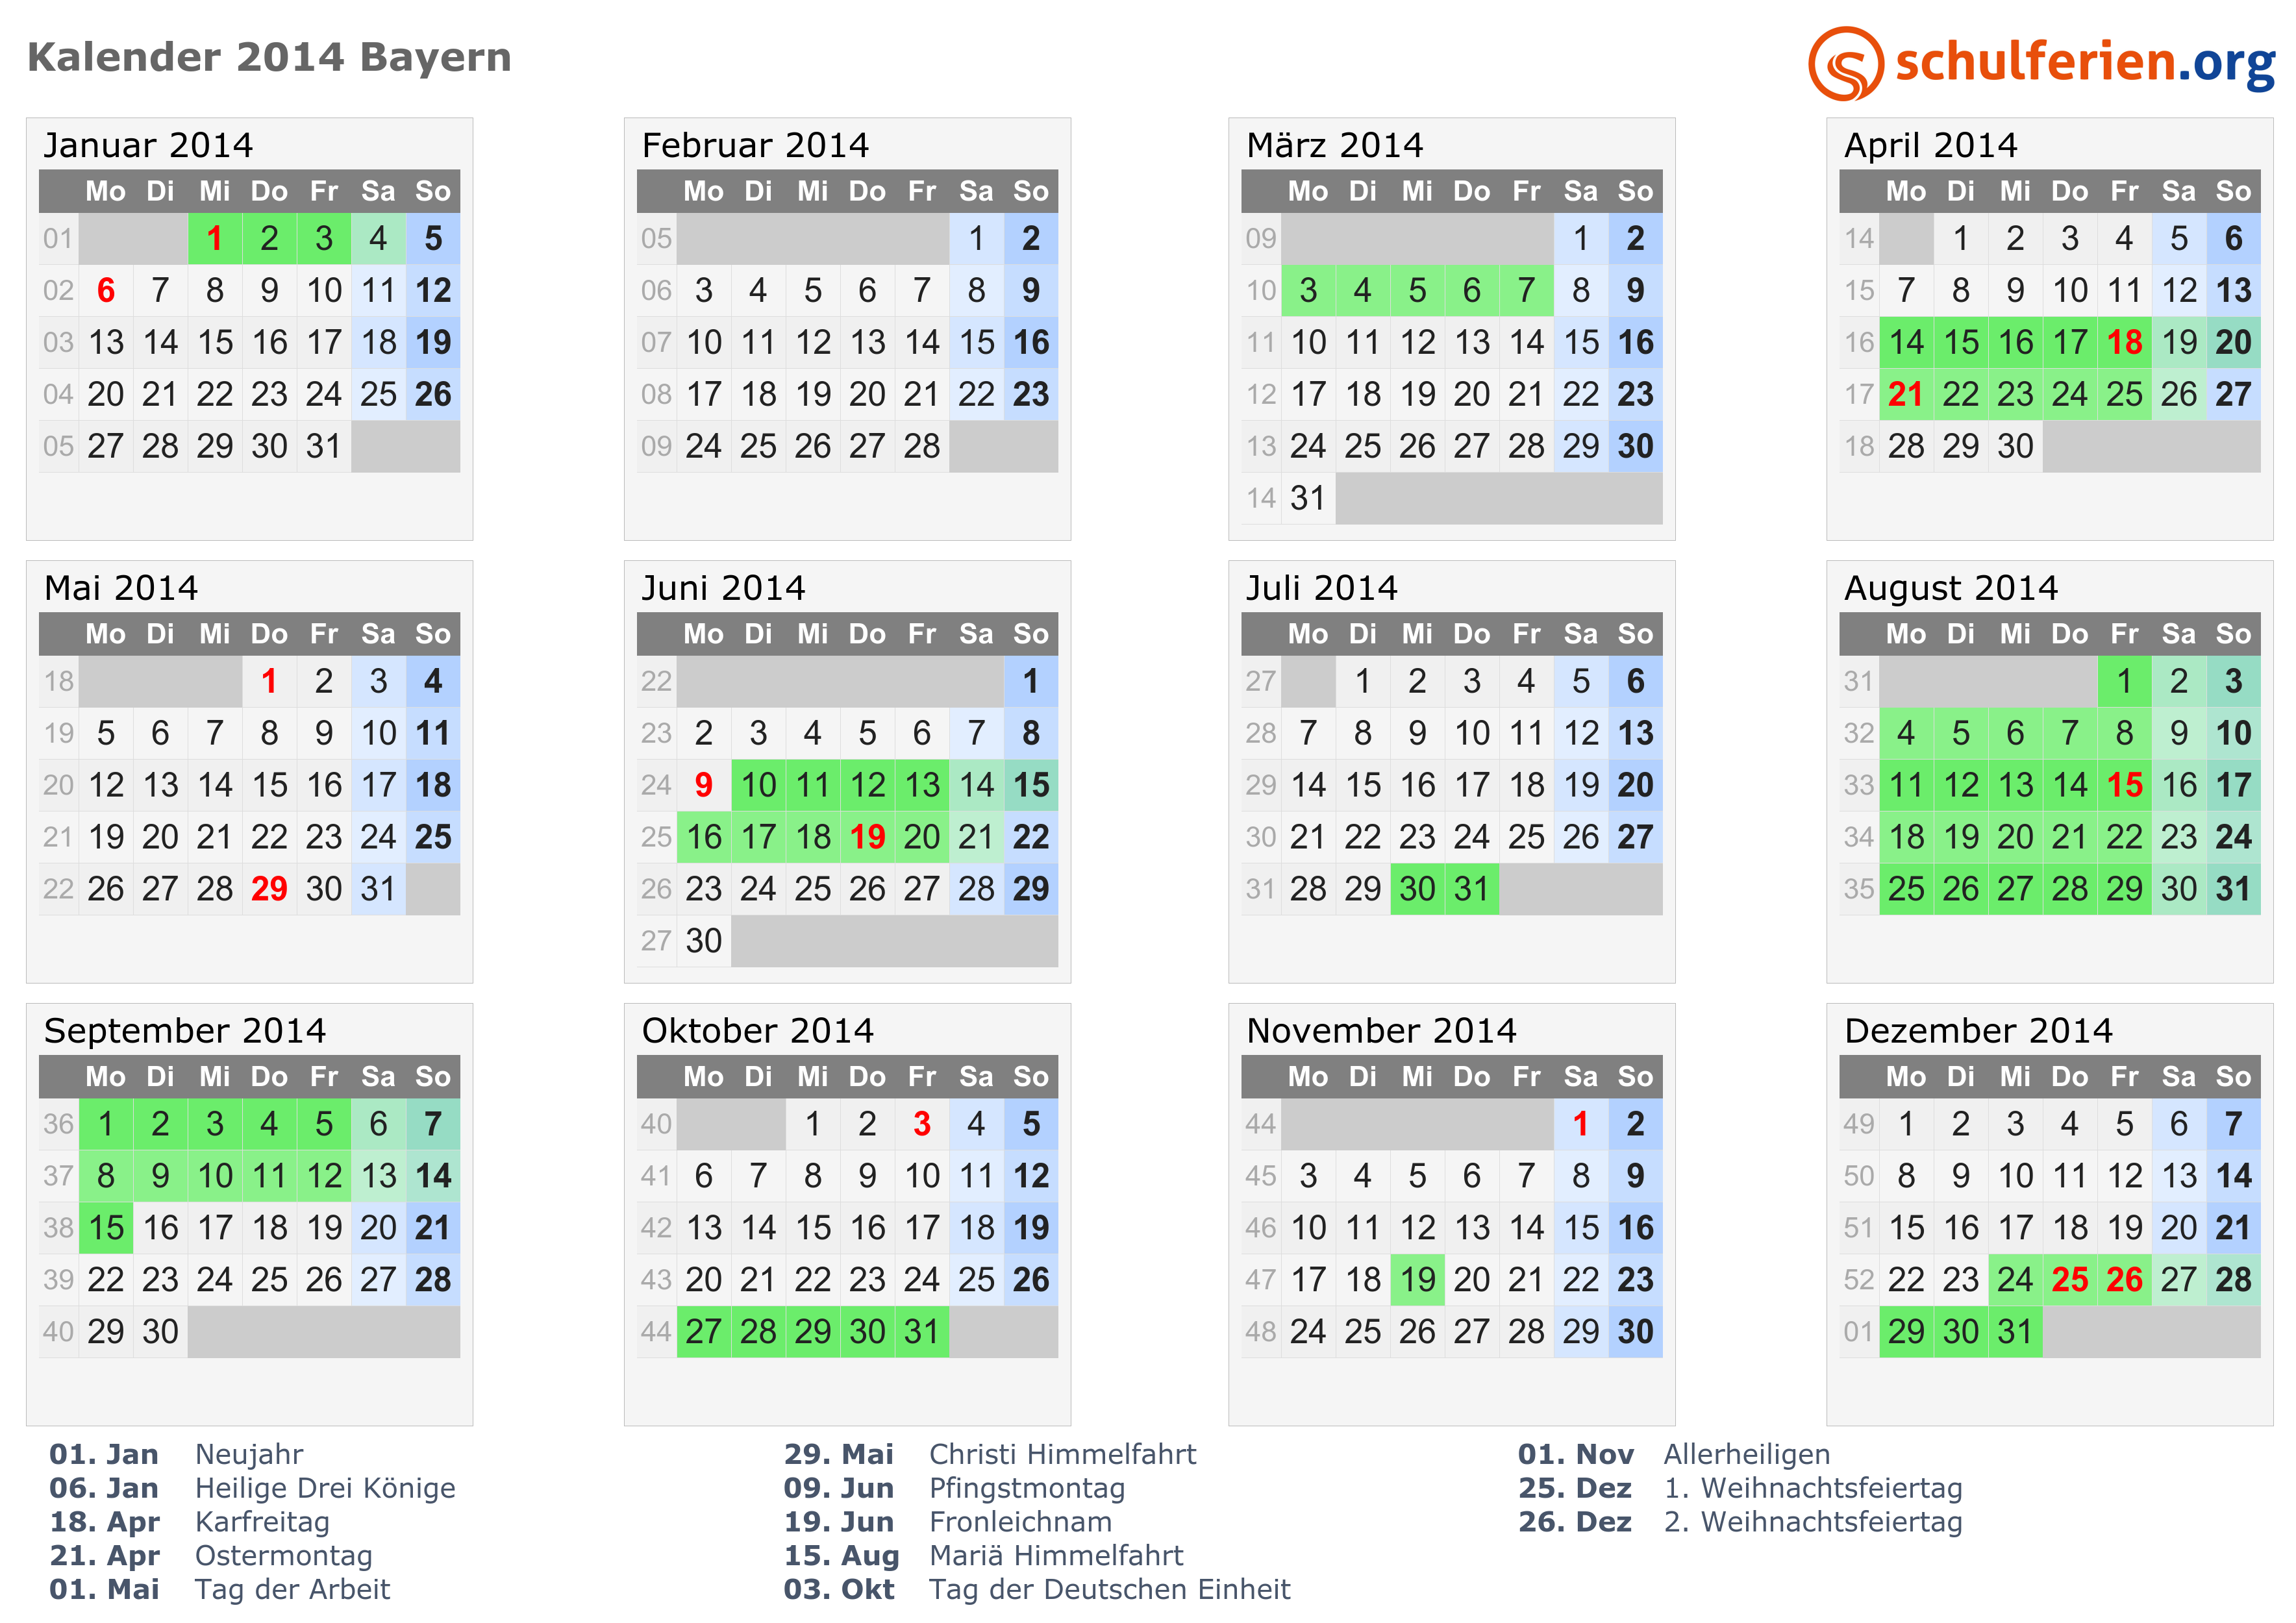 ostern 2014 bayern